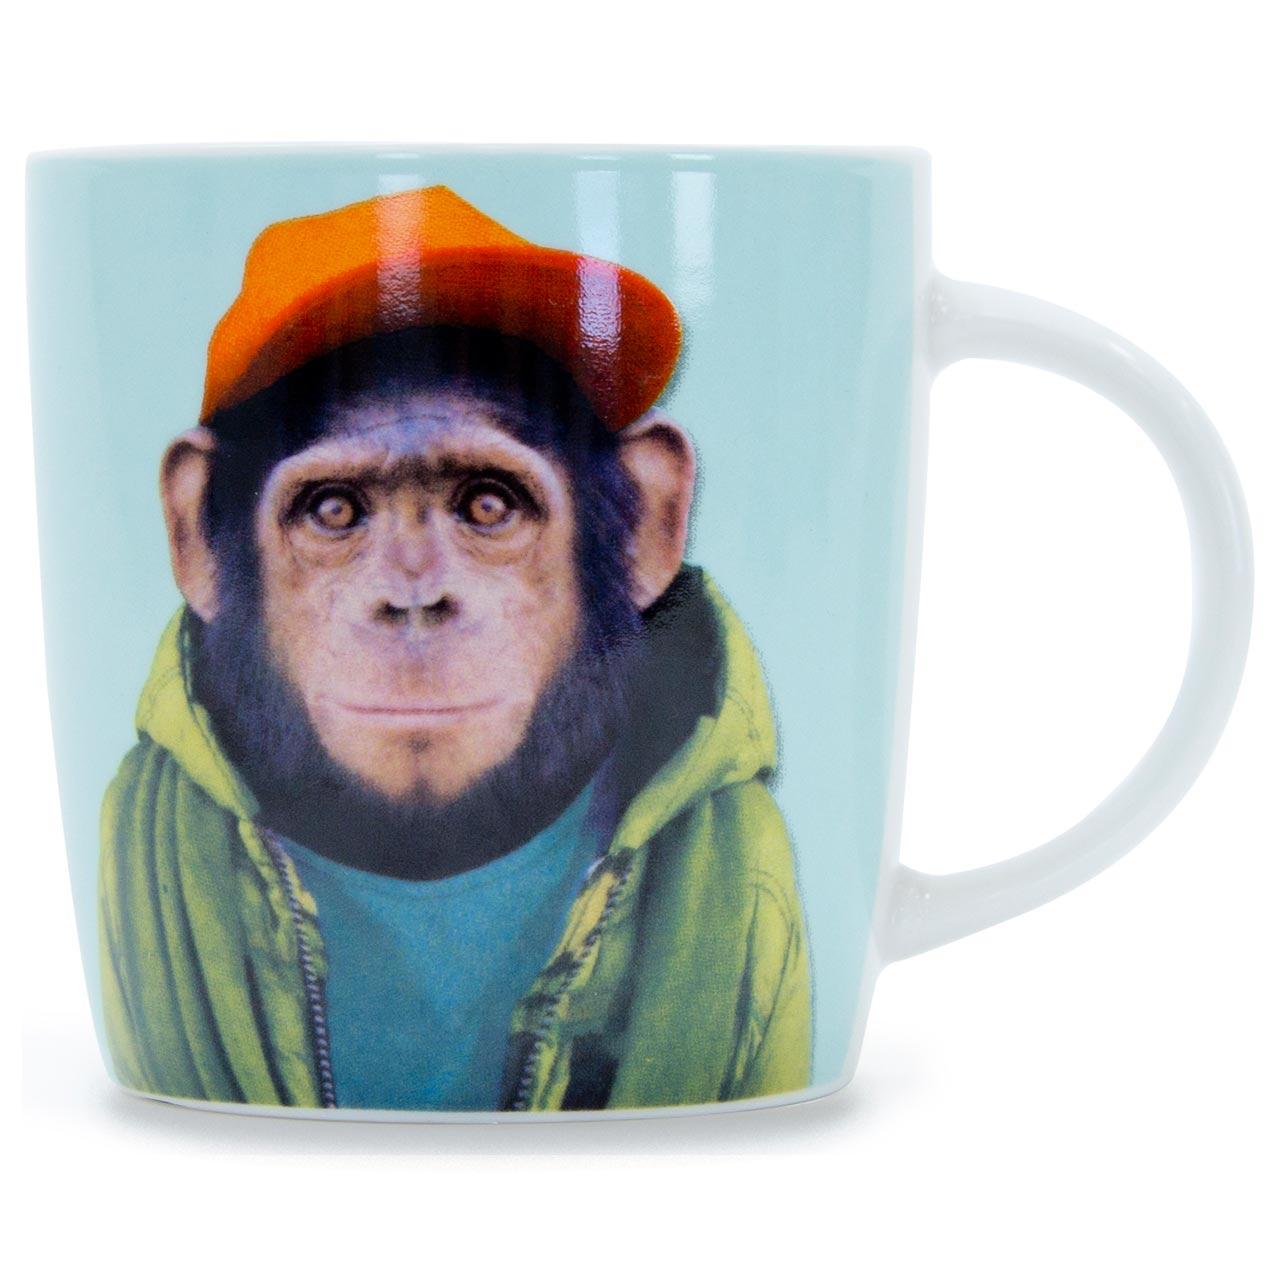 Porcelain Mug Chimp | The Design Gift Shop